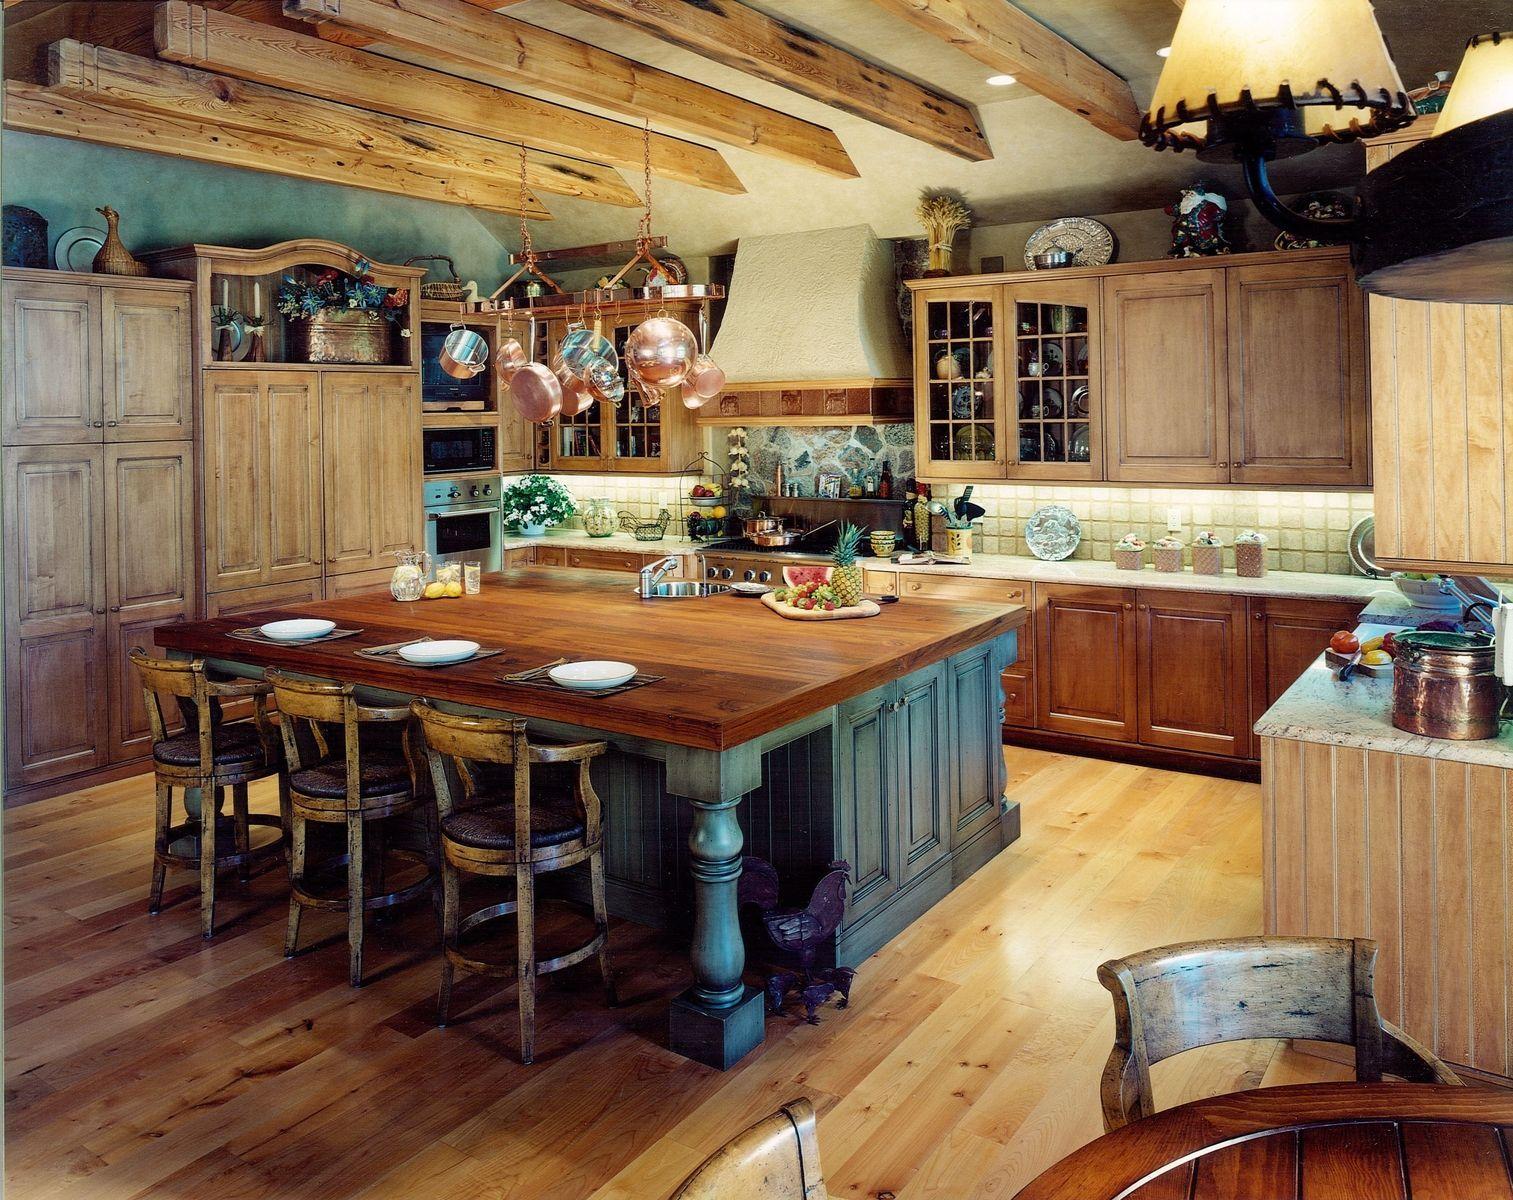 vintage primitive kitchen designs | home garden kitchen bar rustic ...